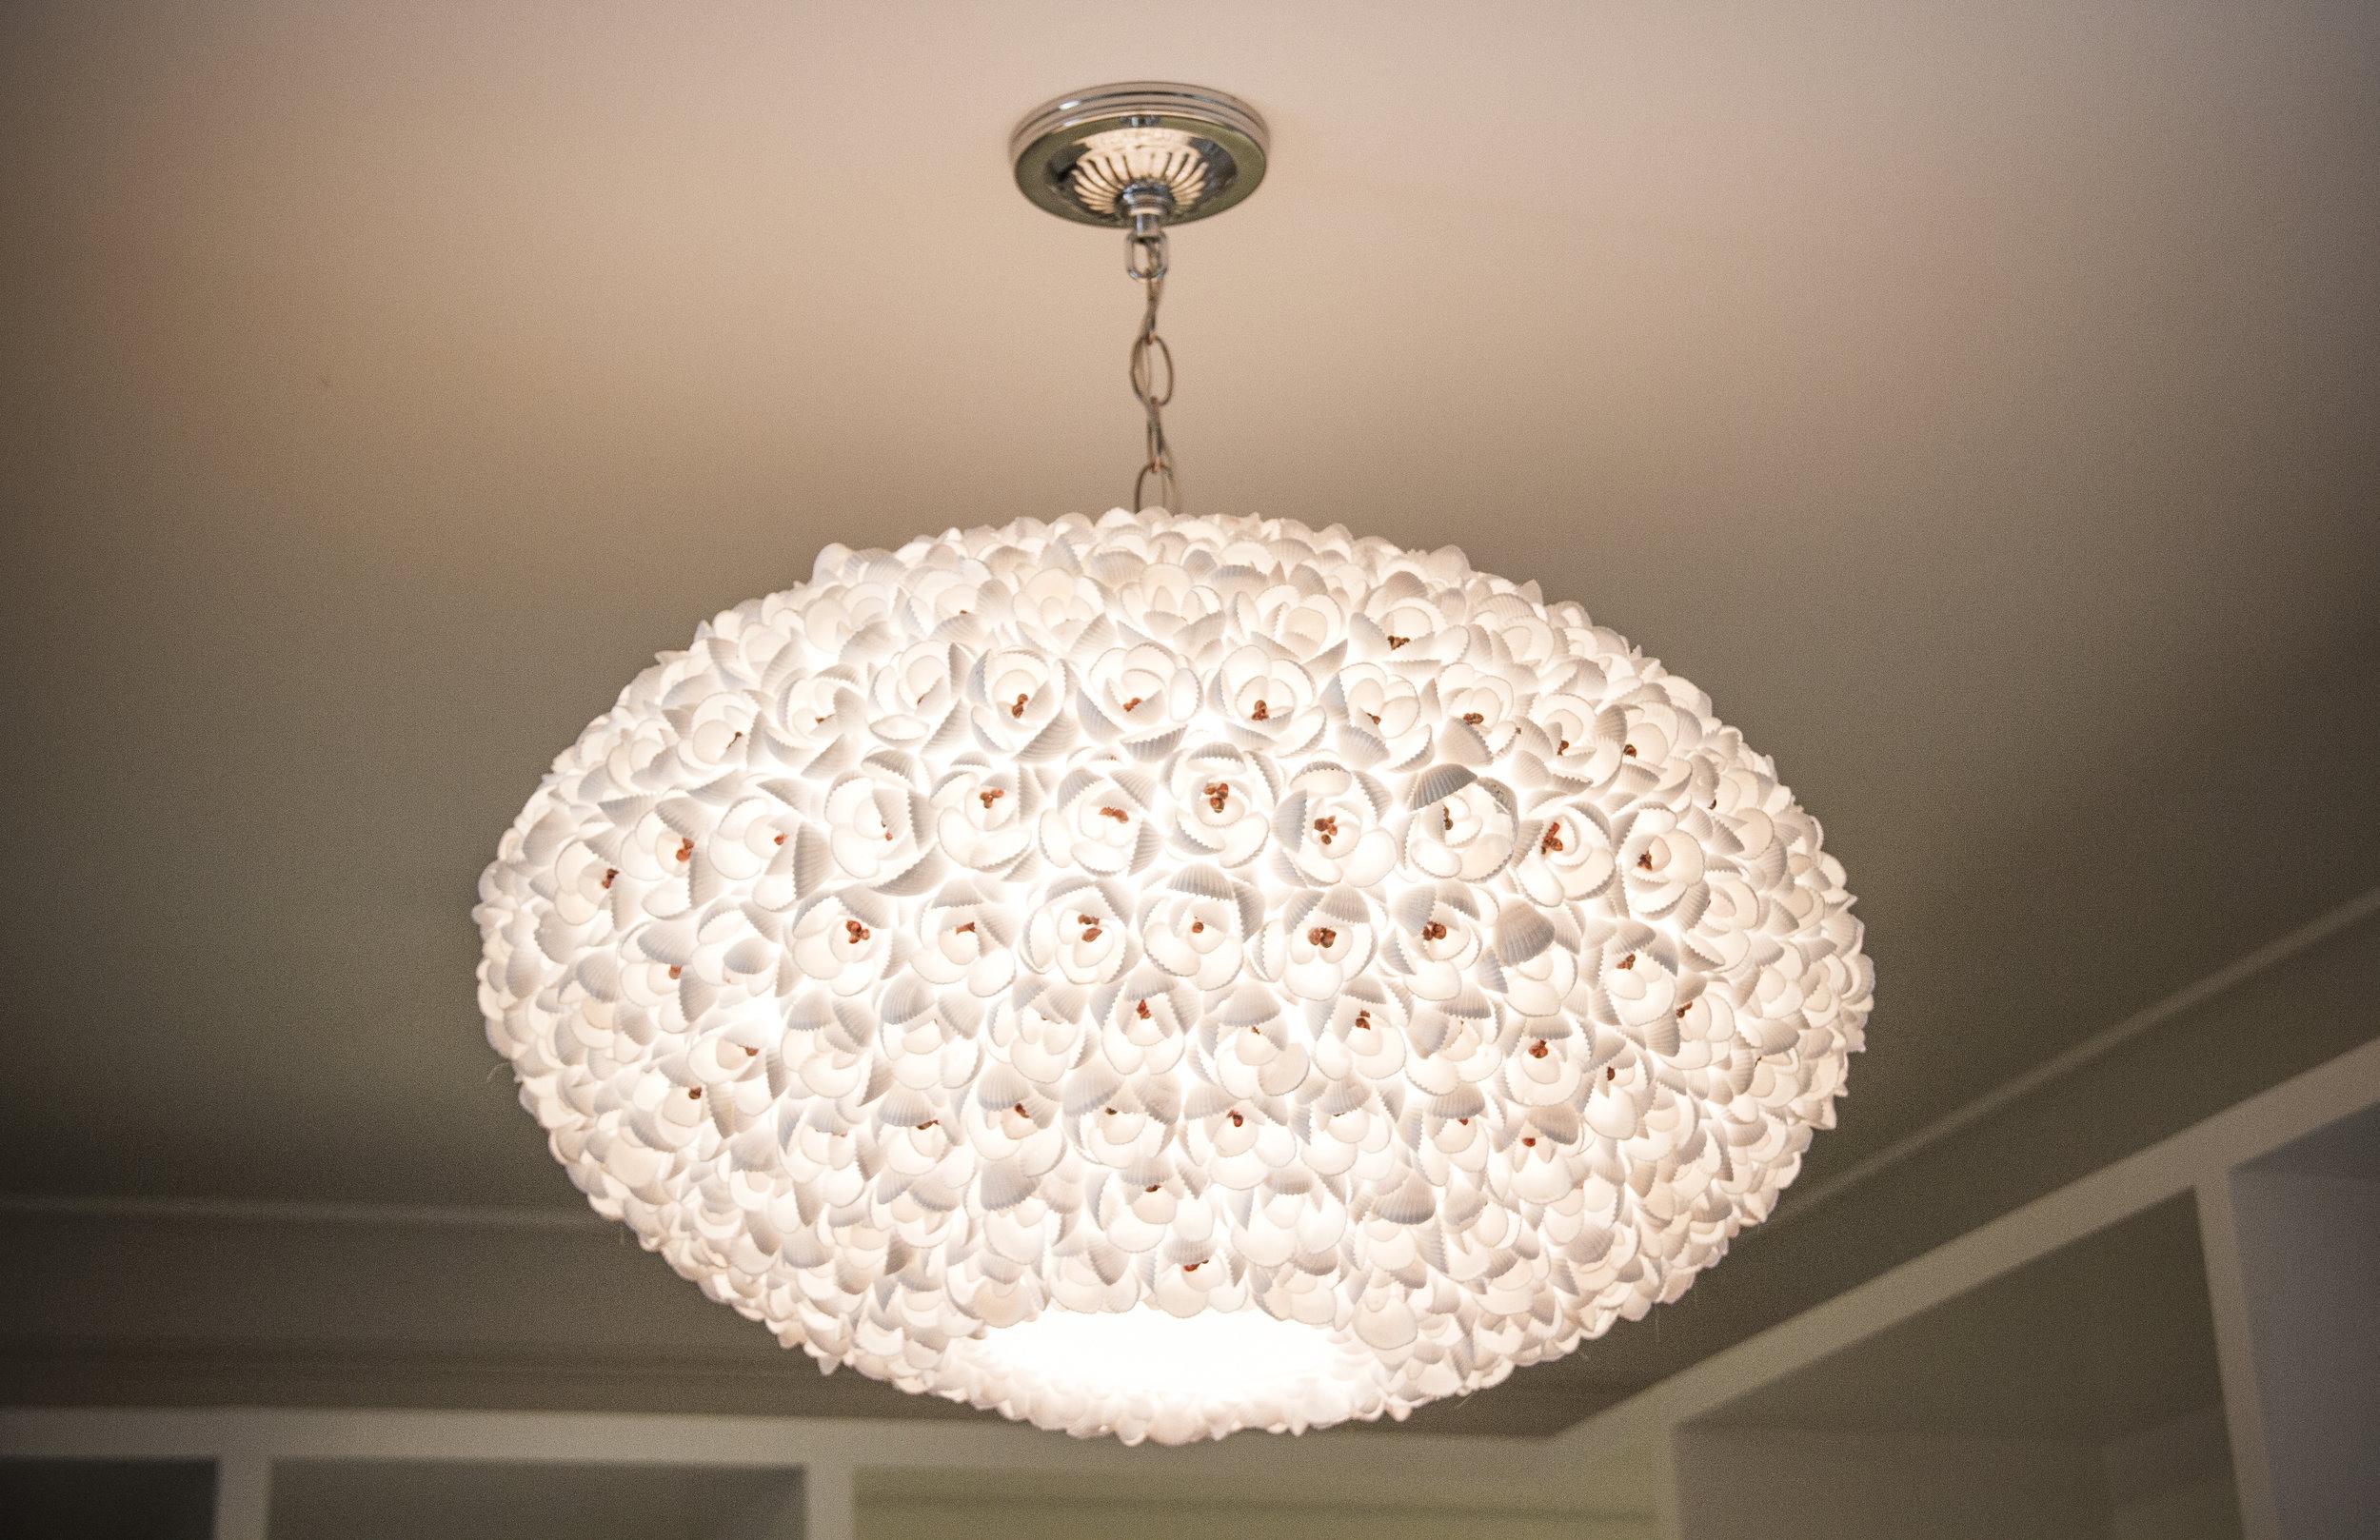 chandelier, modern, elegant, white, lighting